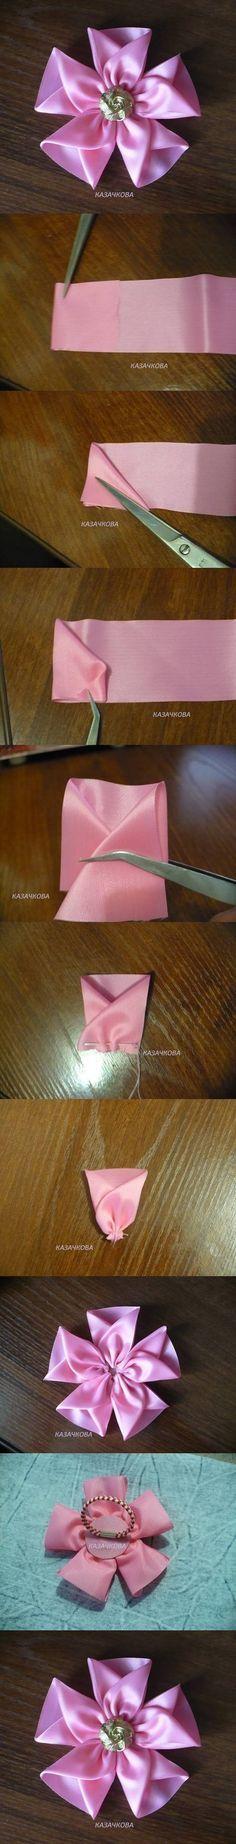 Fácil de bricolaje cinta de seda 2 de la flor